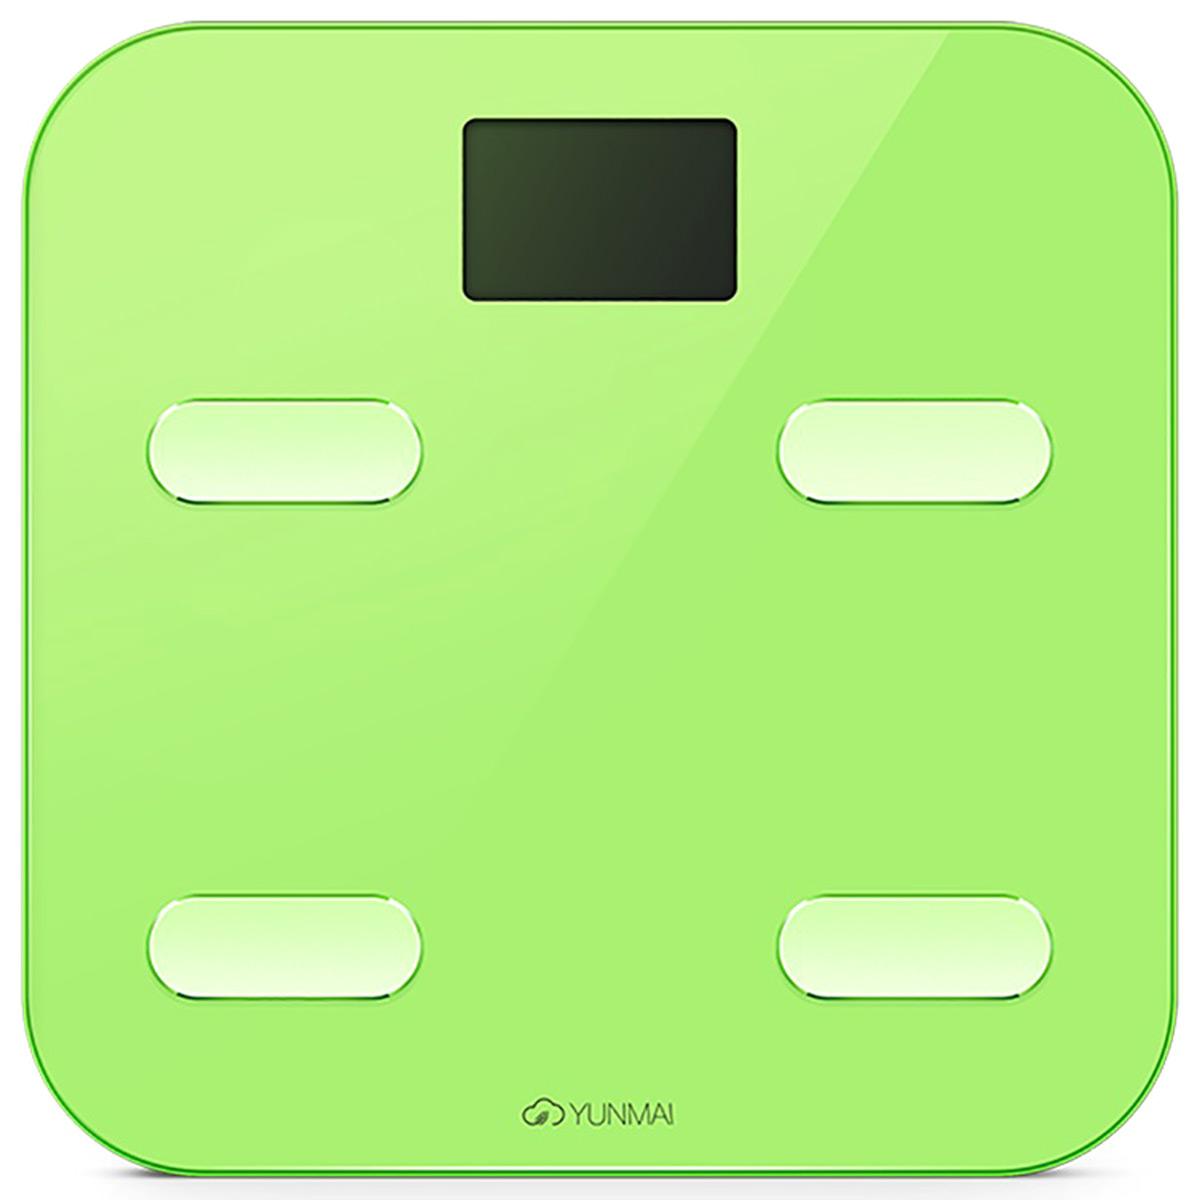 Yunmai Color, Green весы напольныеM1302greenКомпания Yunmai является лидером рынка умных весов в США и активно развивается на европейском, африканском и азиатском рынках.Компания Yunmai фокусируется на создании интеллектуальных устройств в рамках заботы о здоровье для домашнего использования. Yunmai использует накопленные знания в области интеллектуальных инноваций и успешно интегрирует их в свое производство.Умные весы Yunmai не только точно измеряют вес, но также применяют метод биоэлектрического сопротивления (BIA) для измерения ИМТ, мышечной массы, массы костей, воды, обмена веществ, возраста тела, висцерального жира, белка и т. д. Анализ показателей помогает понять общее состояние организма и помогает в организации диеты и образа жизни. Yunmai - это умная забота о здоровье для каждого. Yunmai Color - отличная функциональность в стильном, ярком корпусе с поверхностью из закаленного стекла и увеличенной поверхностью весов. Yunmai color — умные весы для тех, кто не ищет компромиссы.